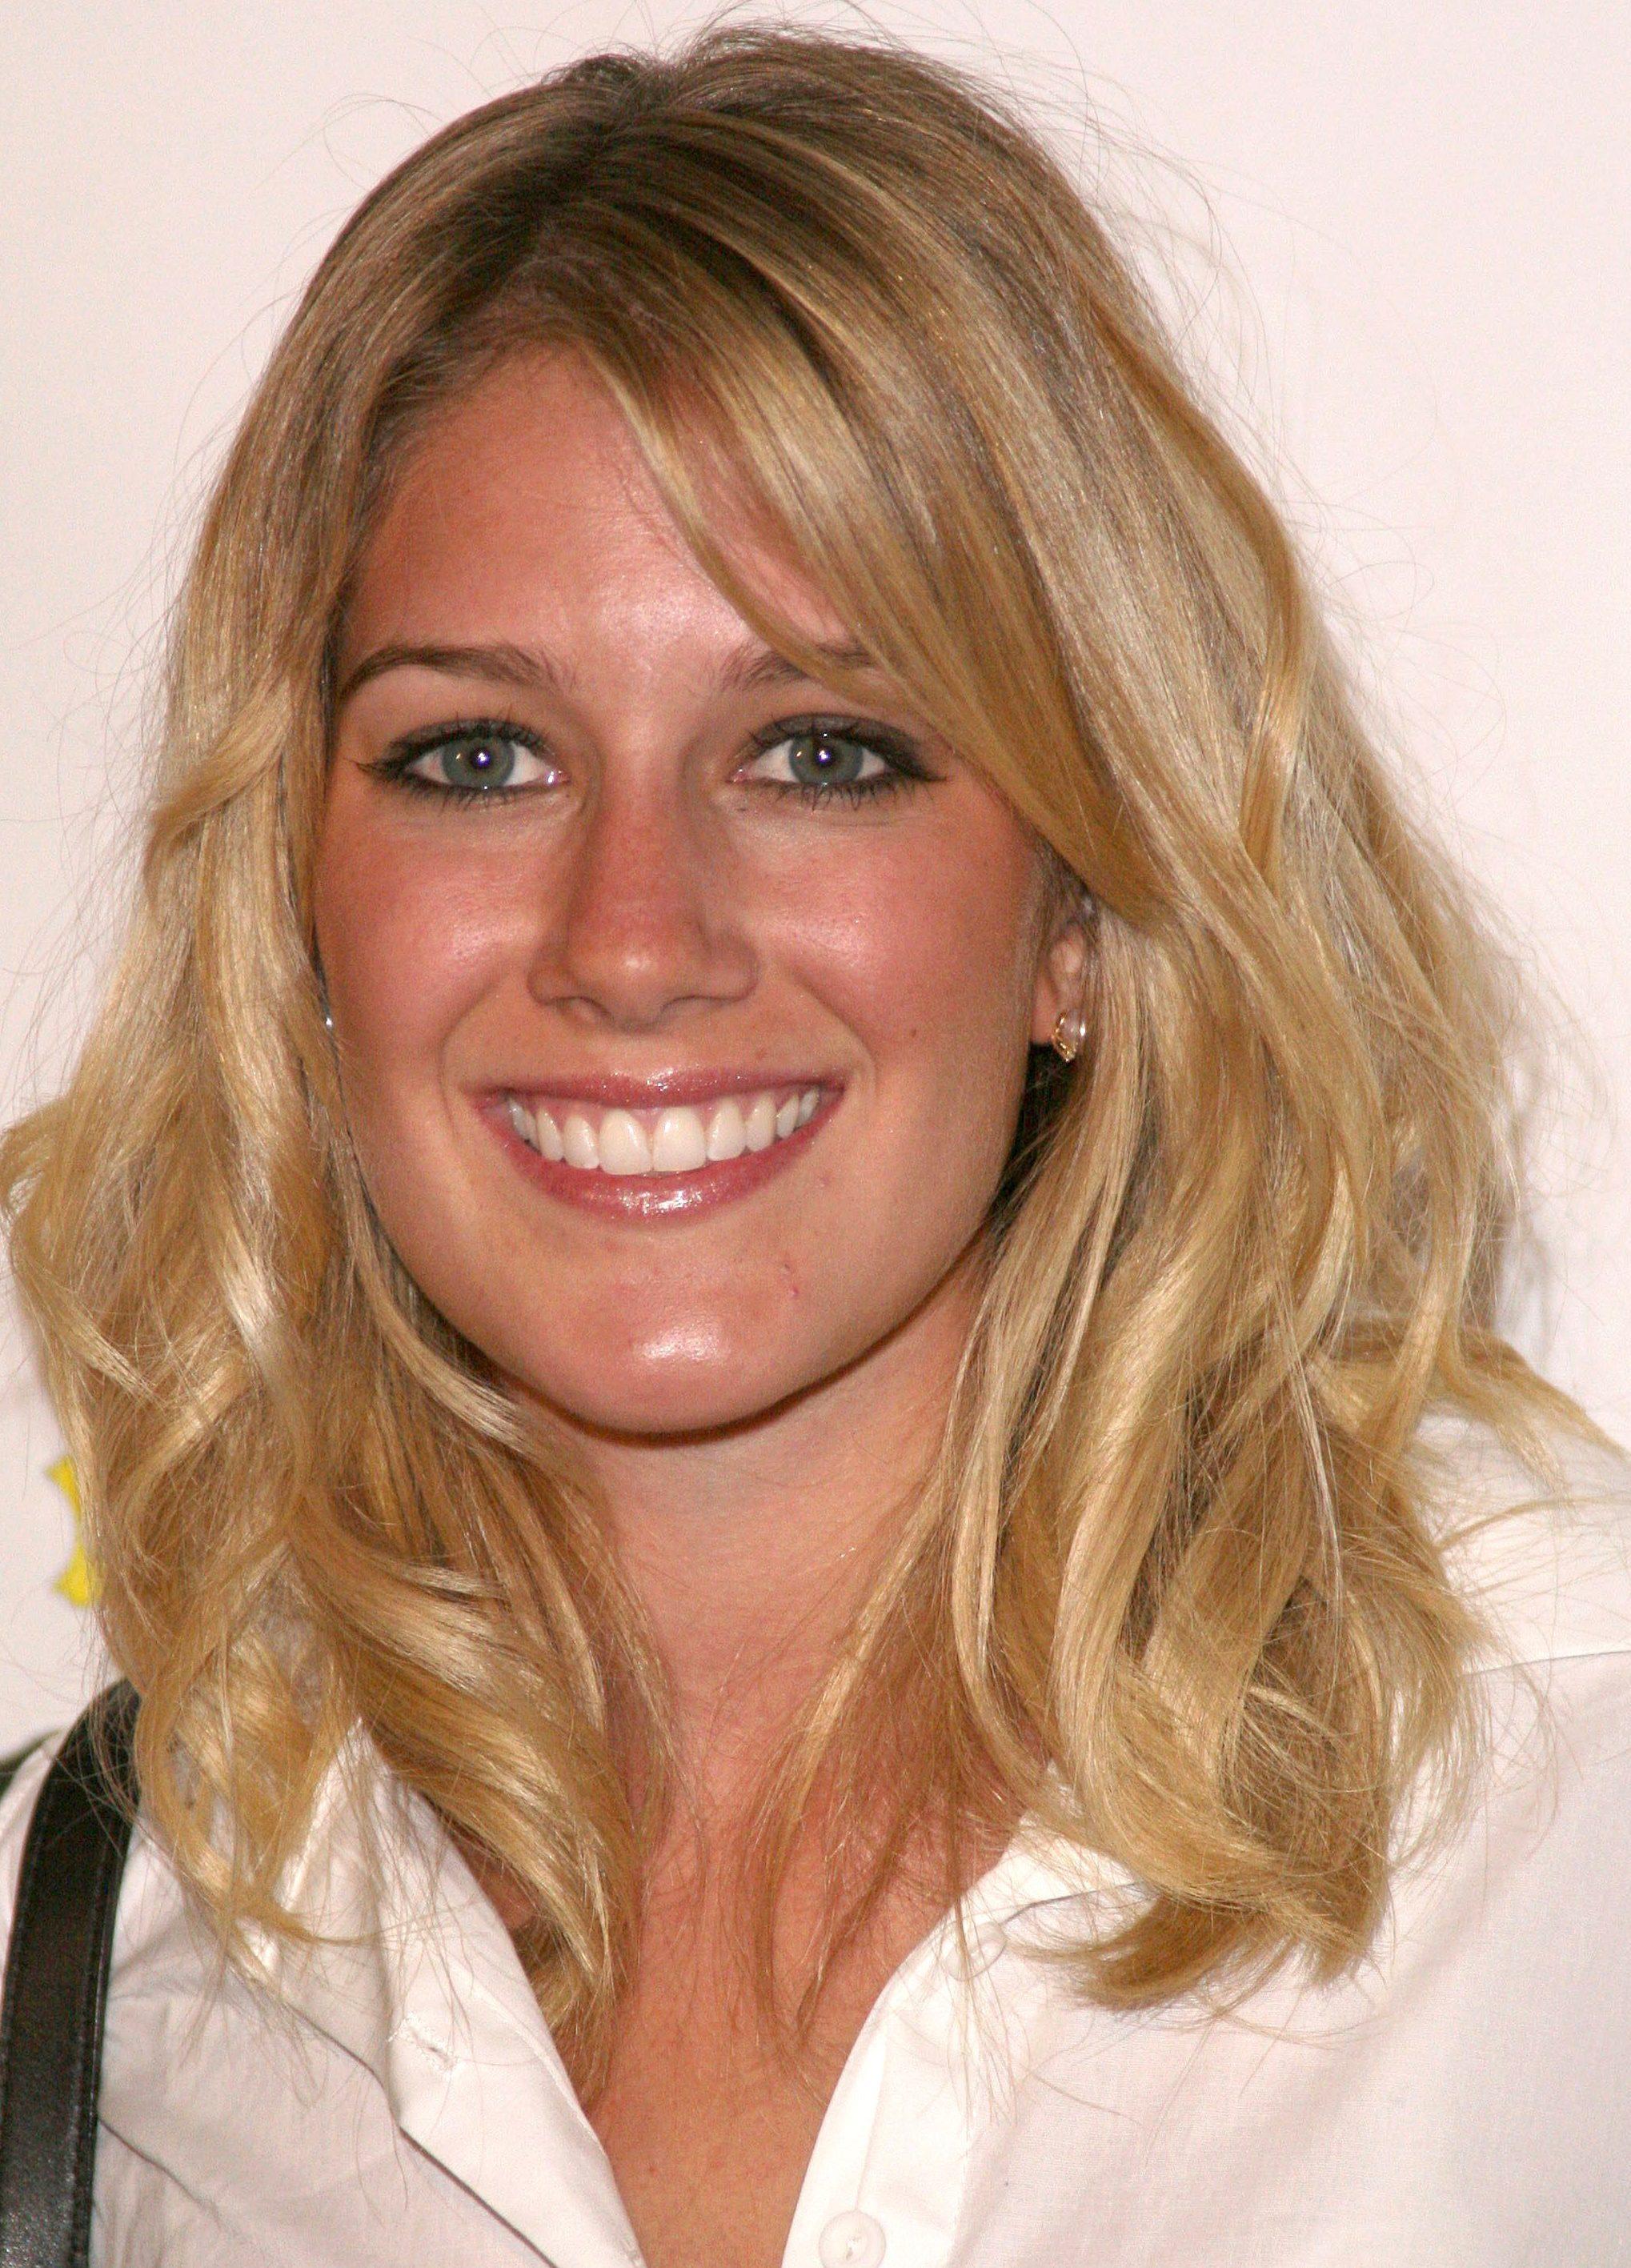 Lauren conrad plastic surgery